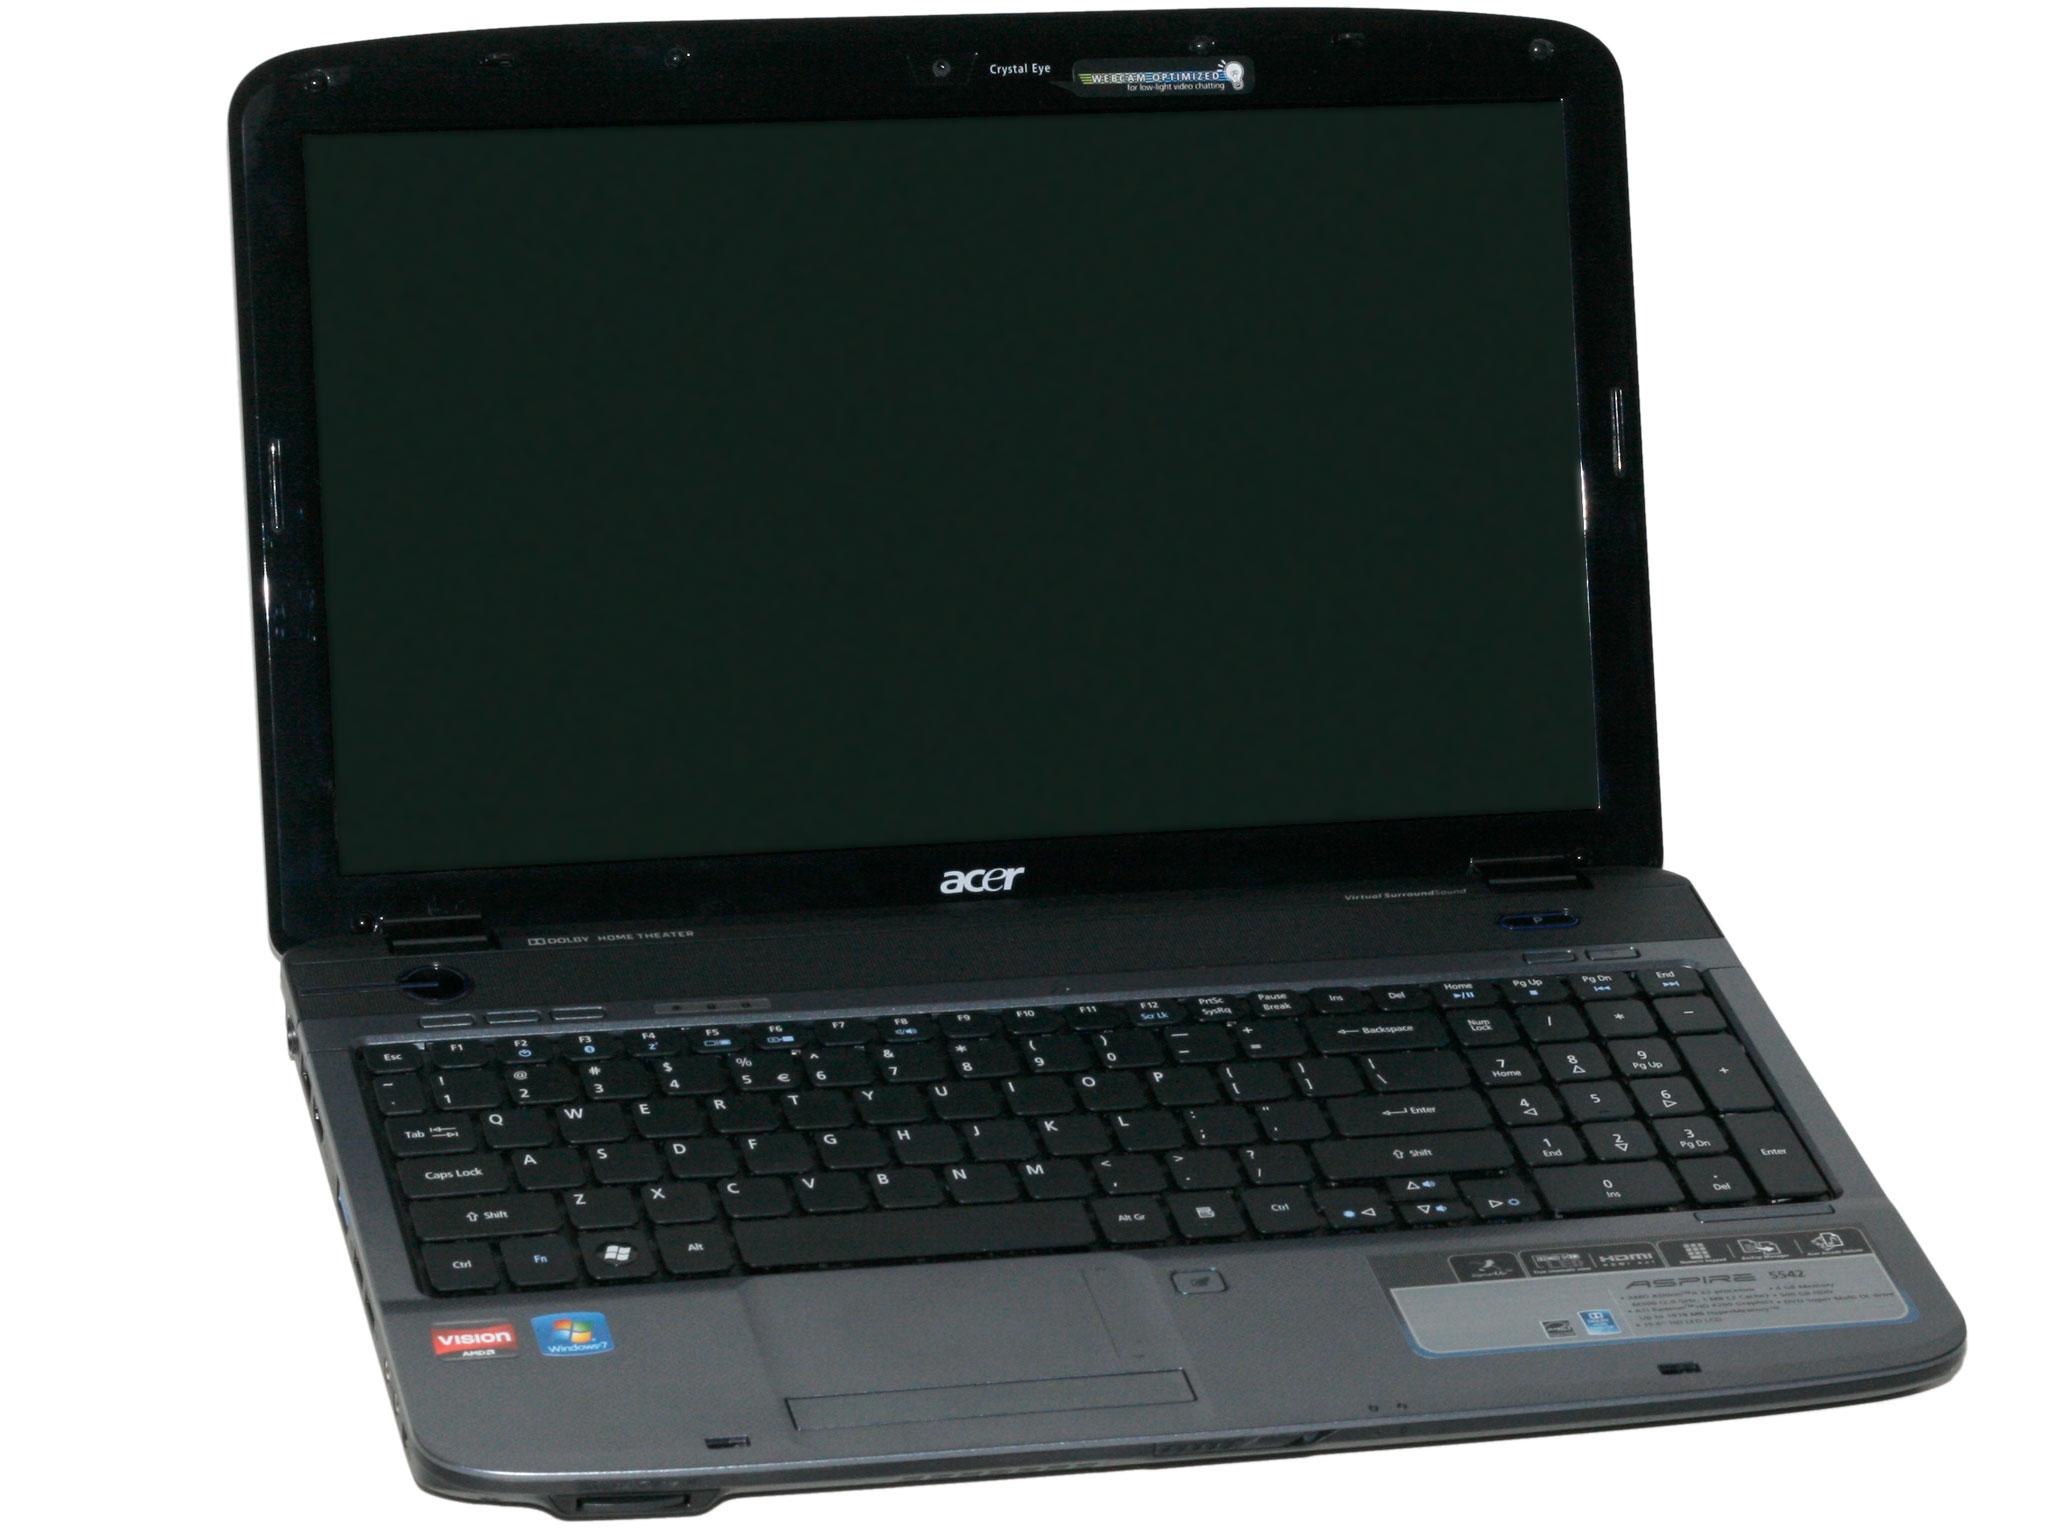 Acer Aspire 5542 Schemaitc Diagram